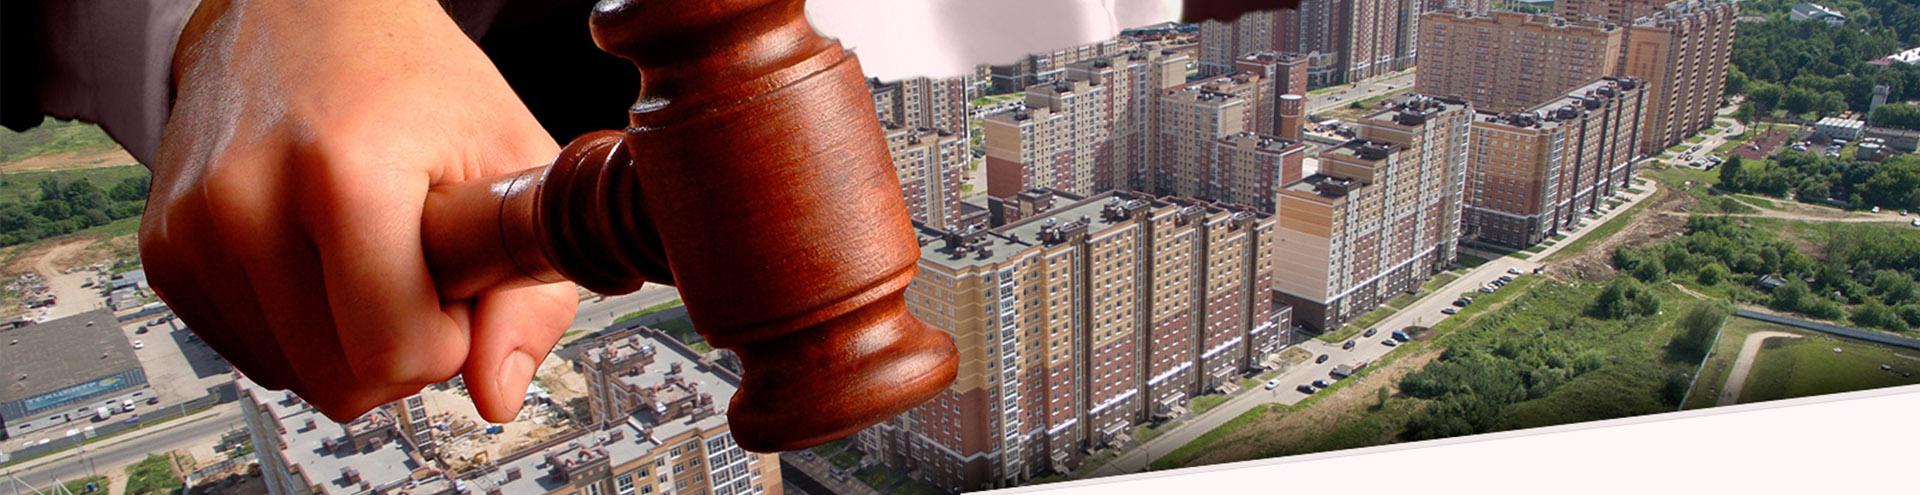 Суд с застройщиком в Чебоксарах и Чувашской Республике